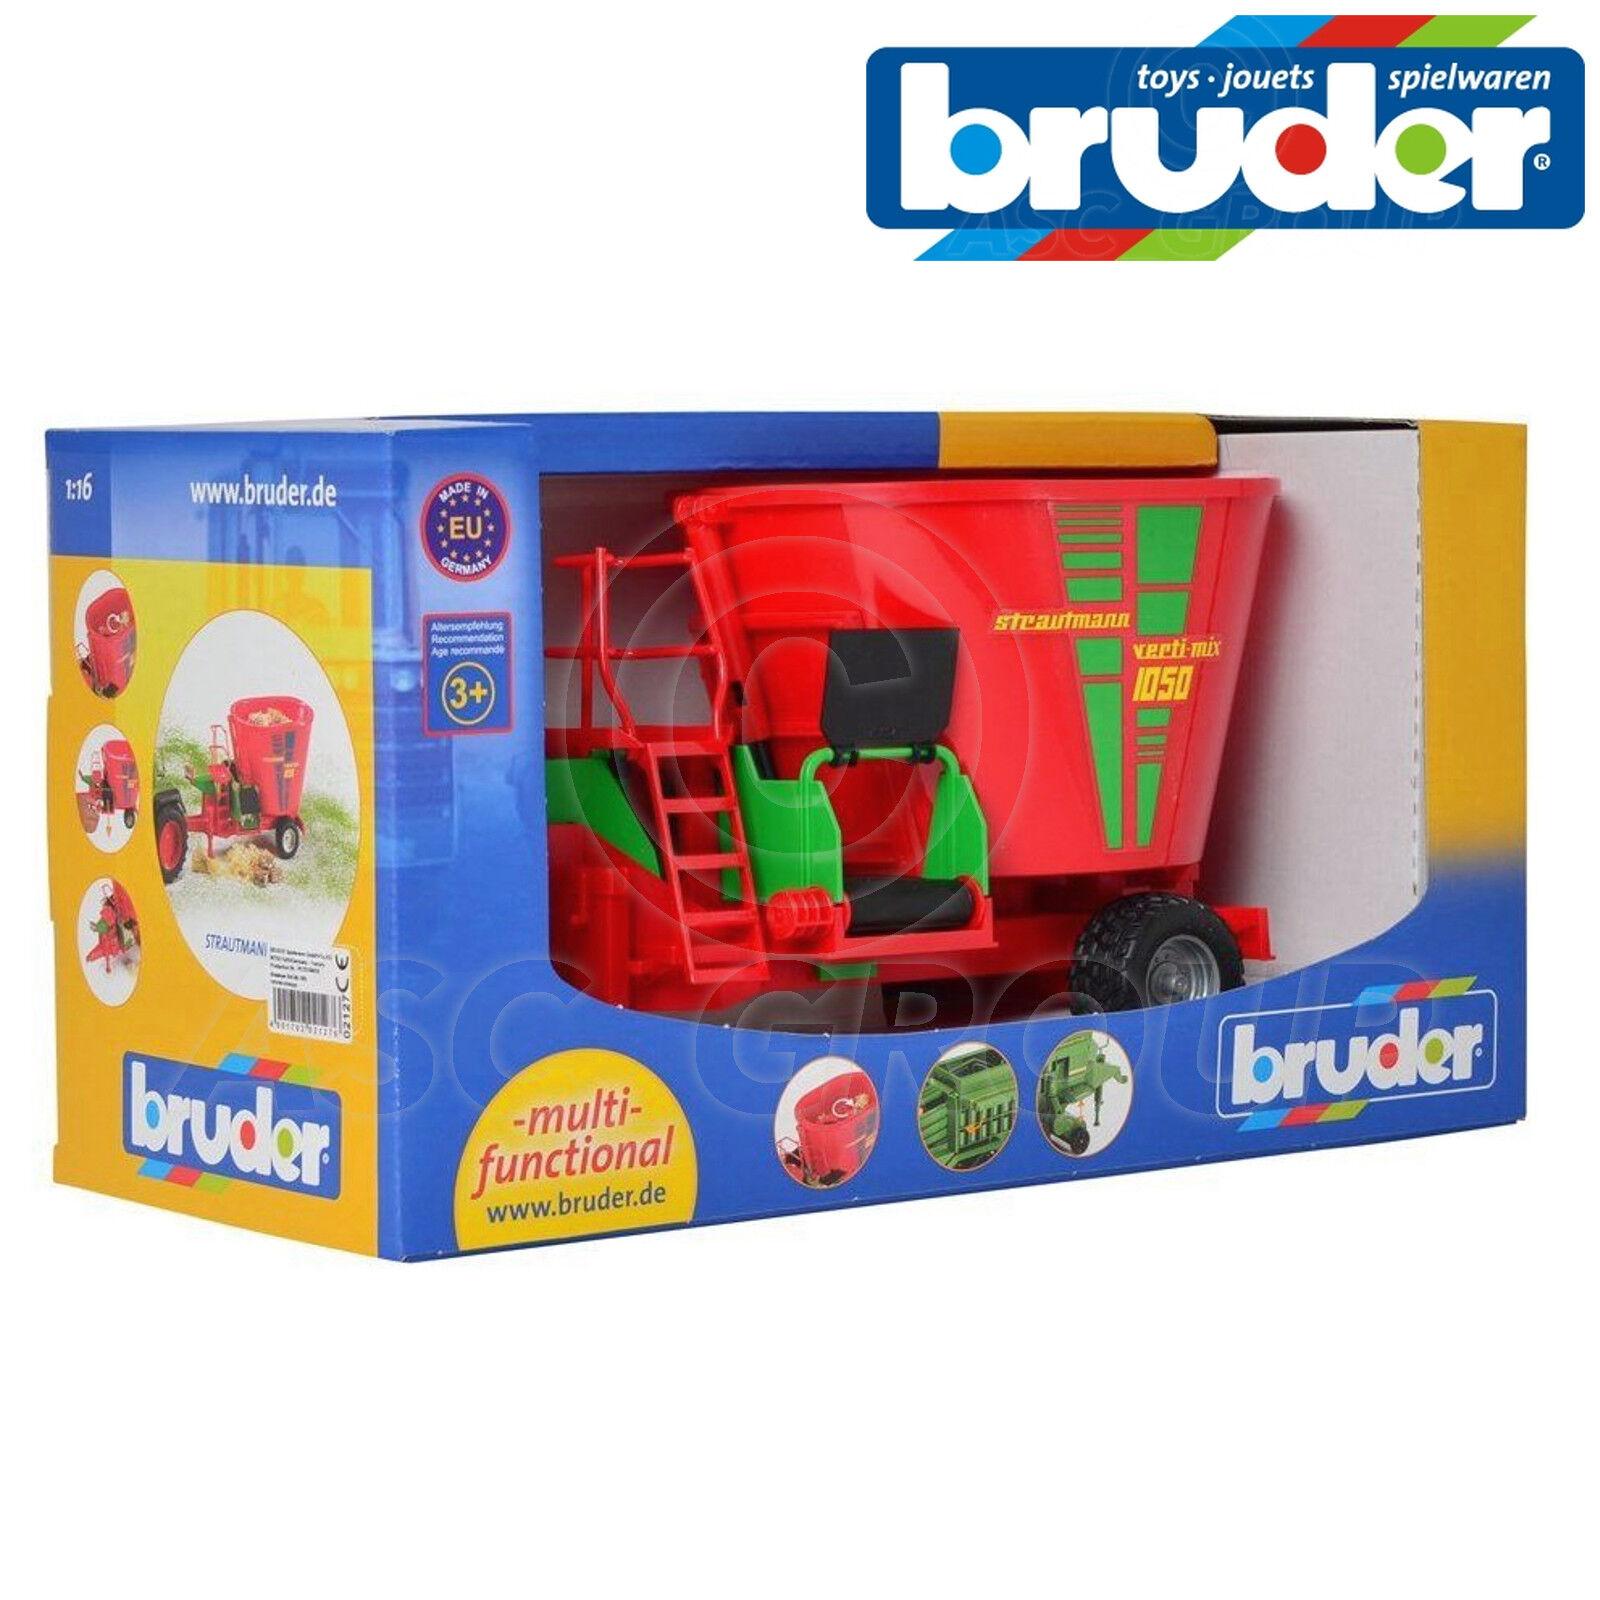 Bruder Toys Toys Toys 02127 Strautmann greeni-Mix 1050 Fodder Mixer 1 16 Scale b2fbe5